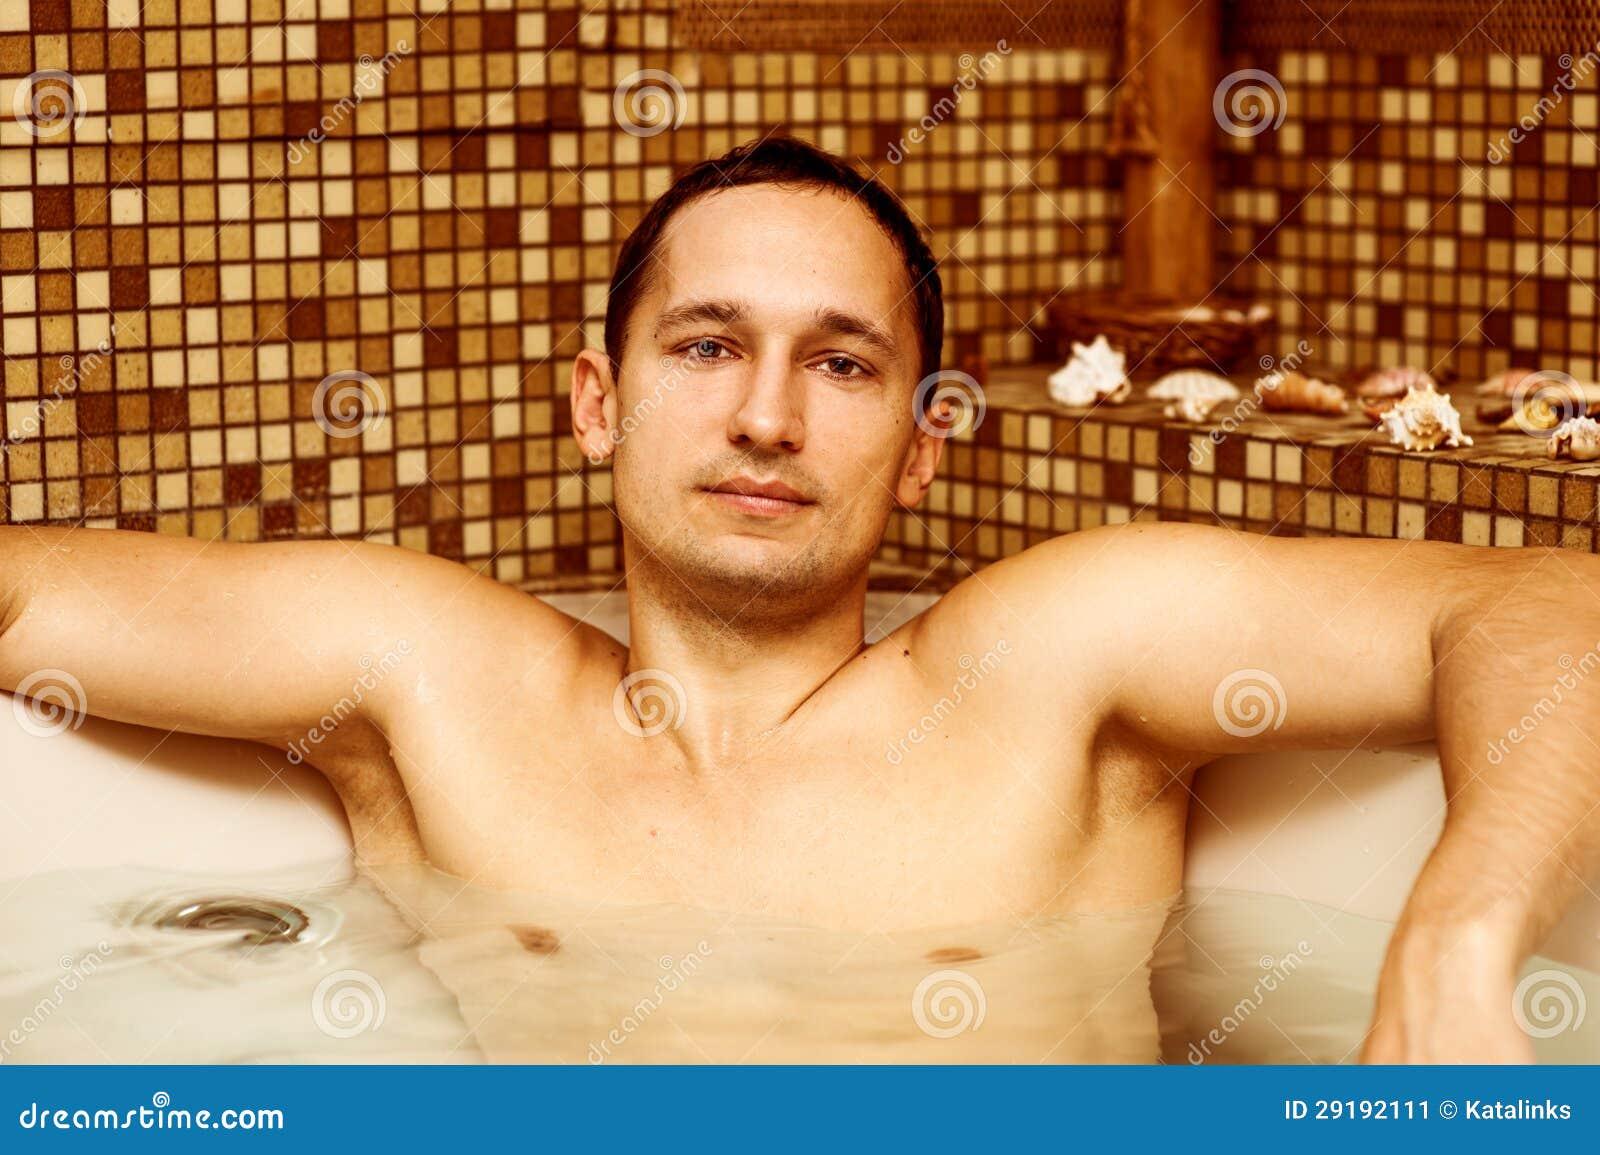 Imagen De Baño Hombre:Hombre Joven En Cuarto De Baño Imagen de archivo – Imagen: 29192111